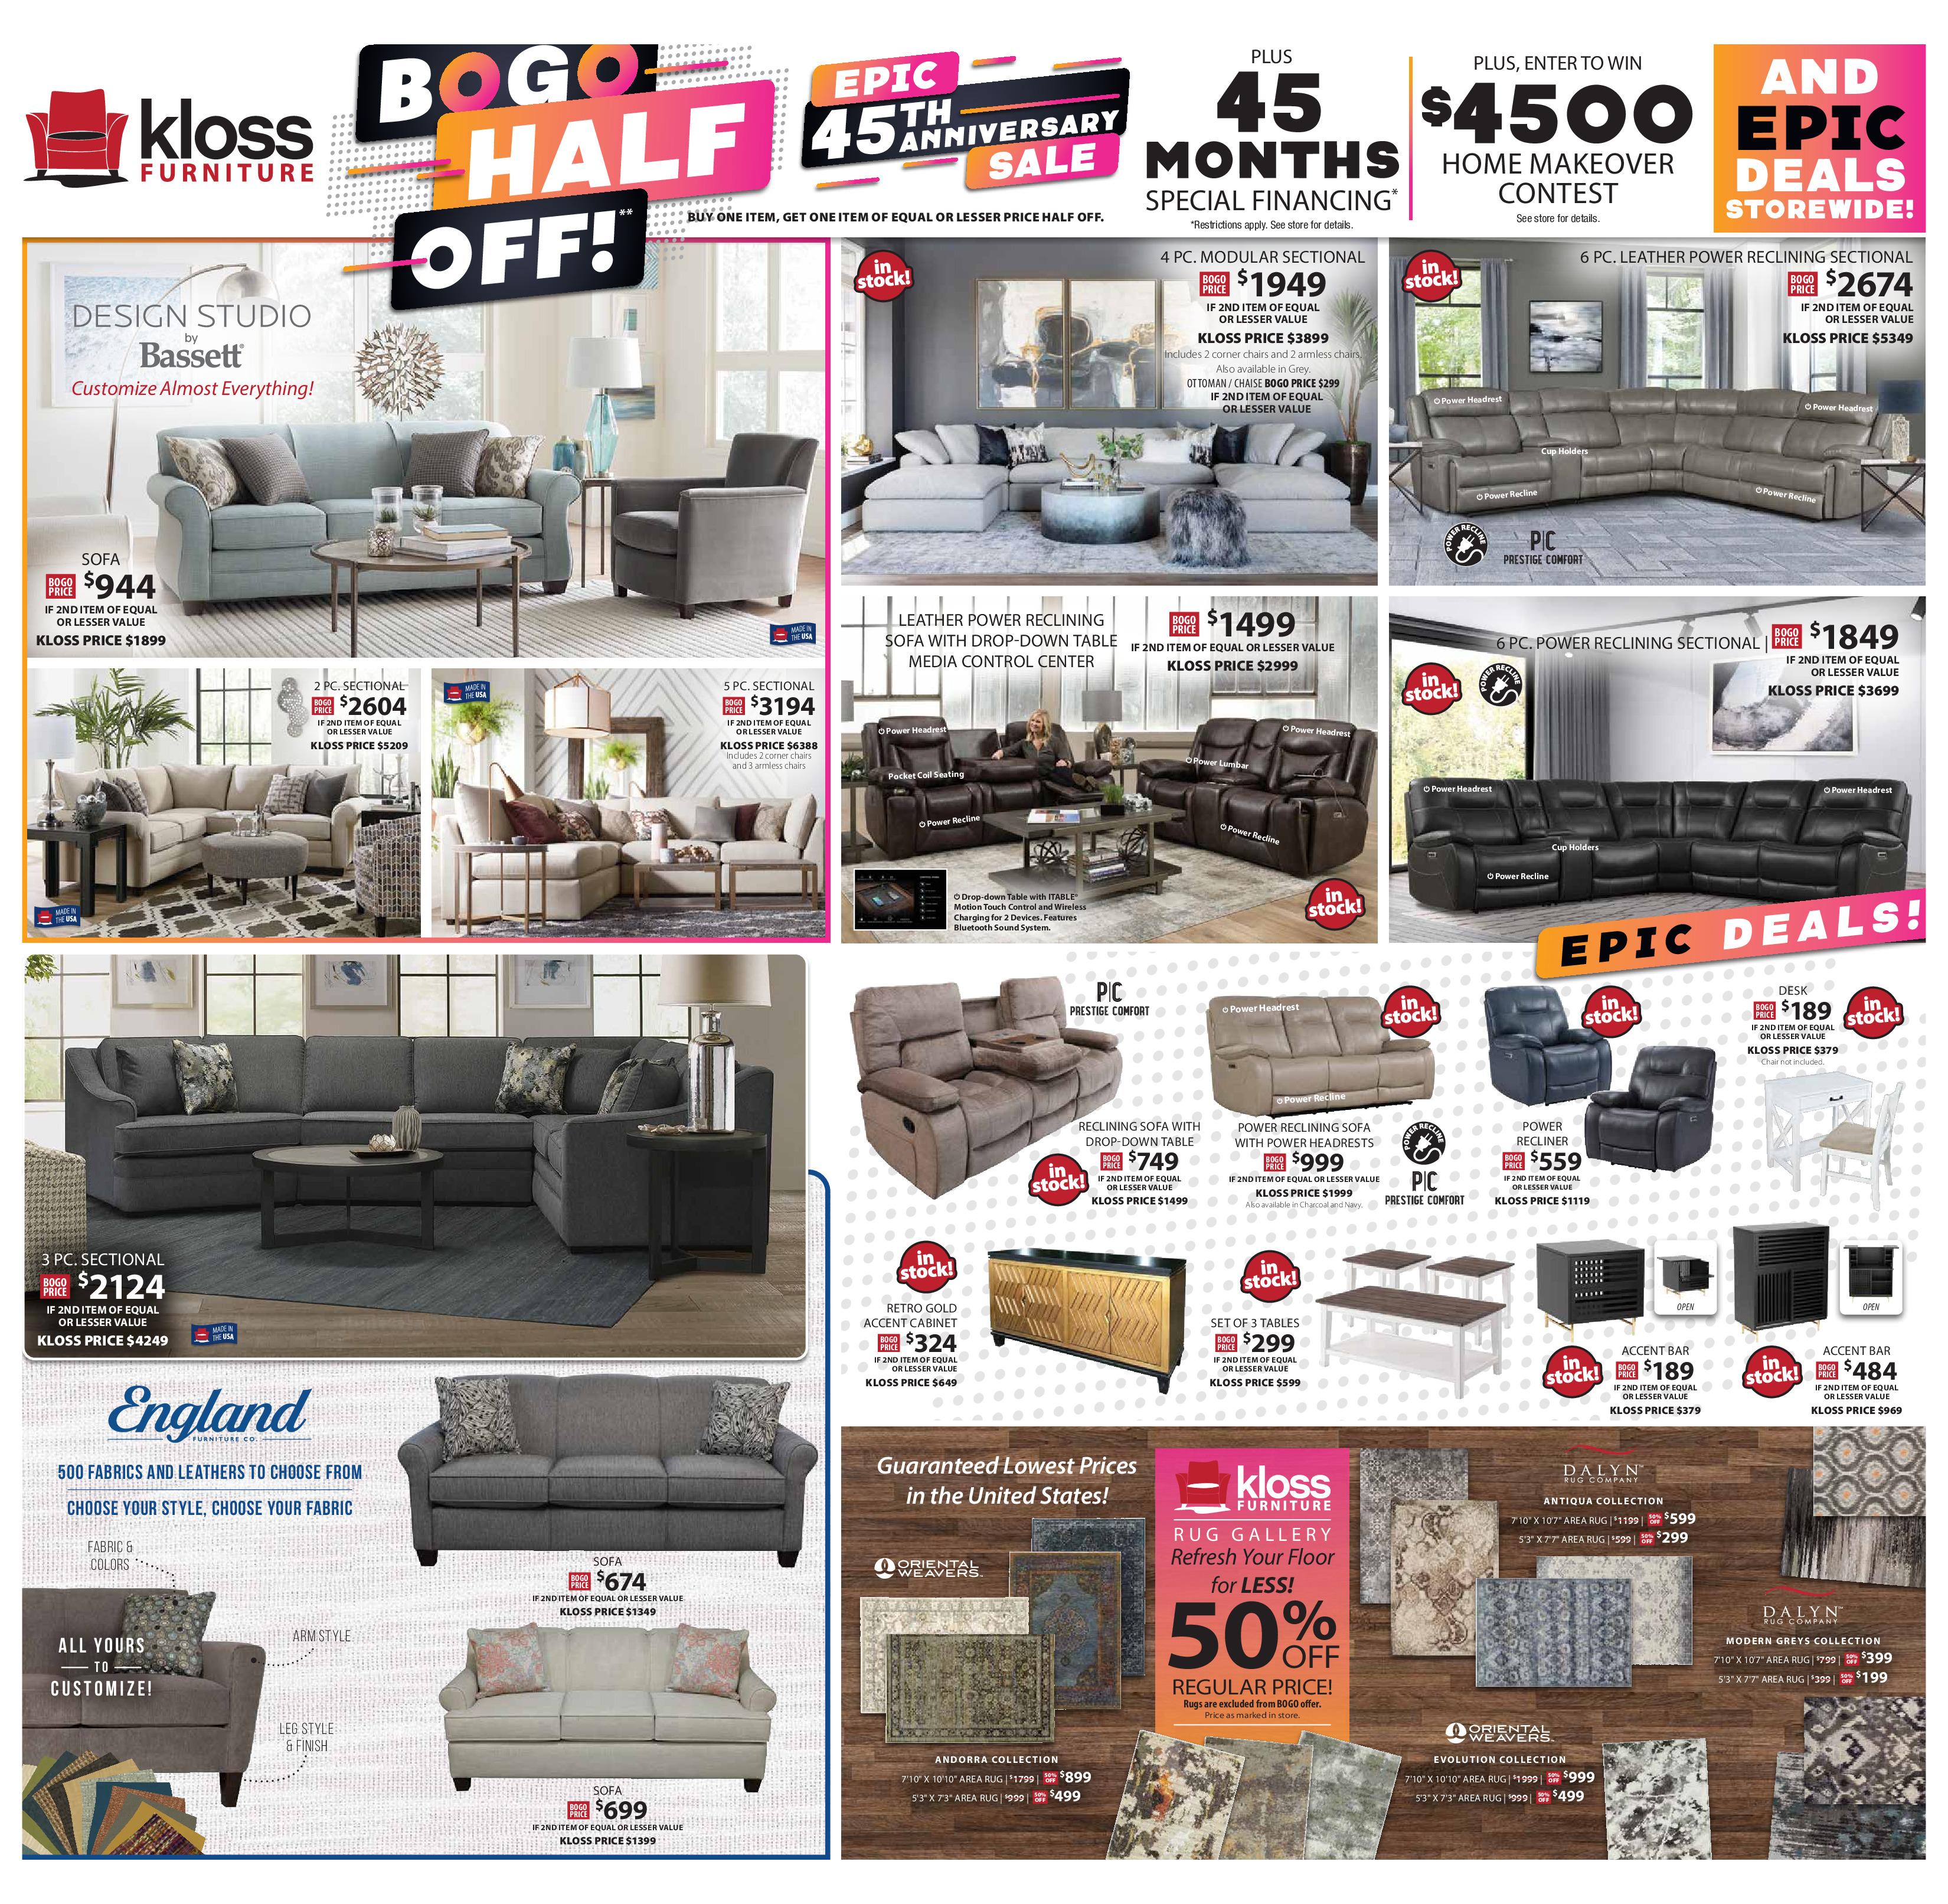 KLOSS-902121101-Anniversary-WebSpecial